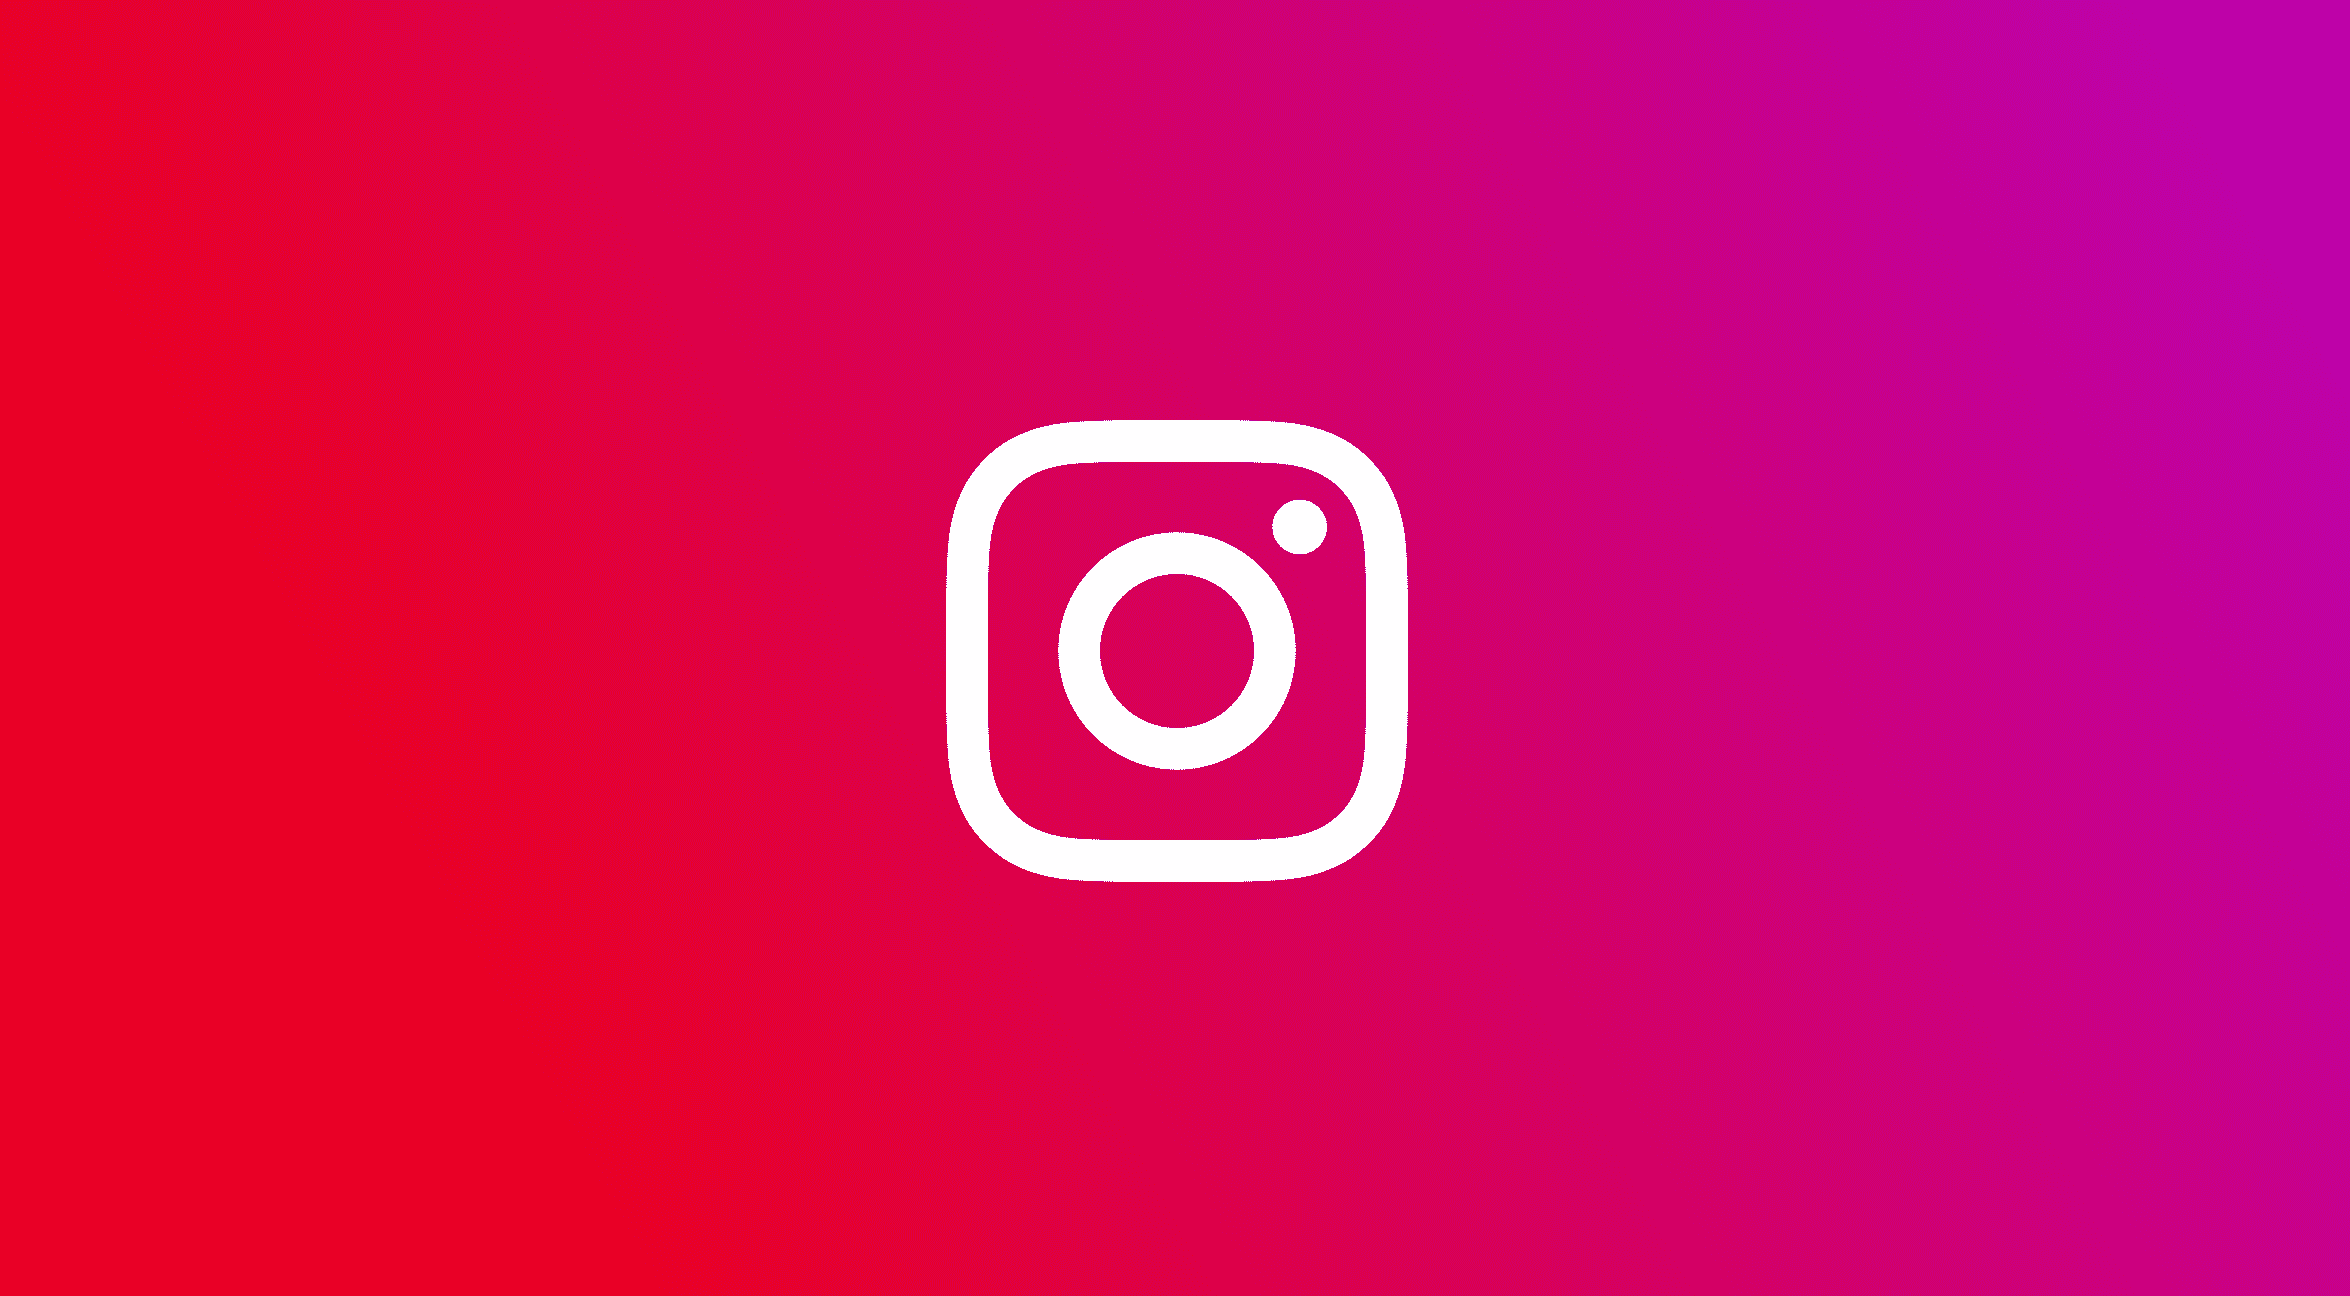 Como adicionar filtro no Instagram: saiba como fazer o seu filtro!